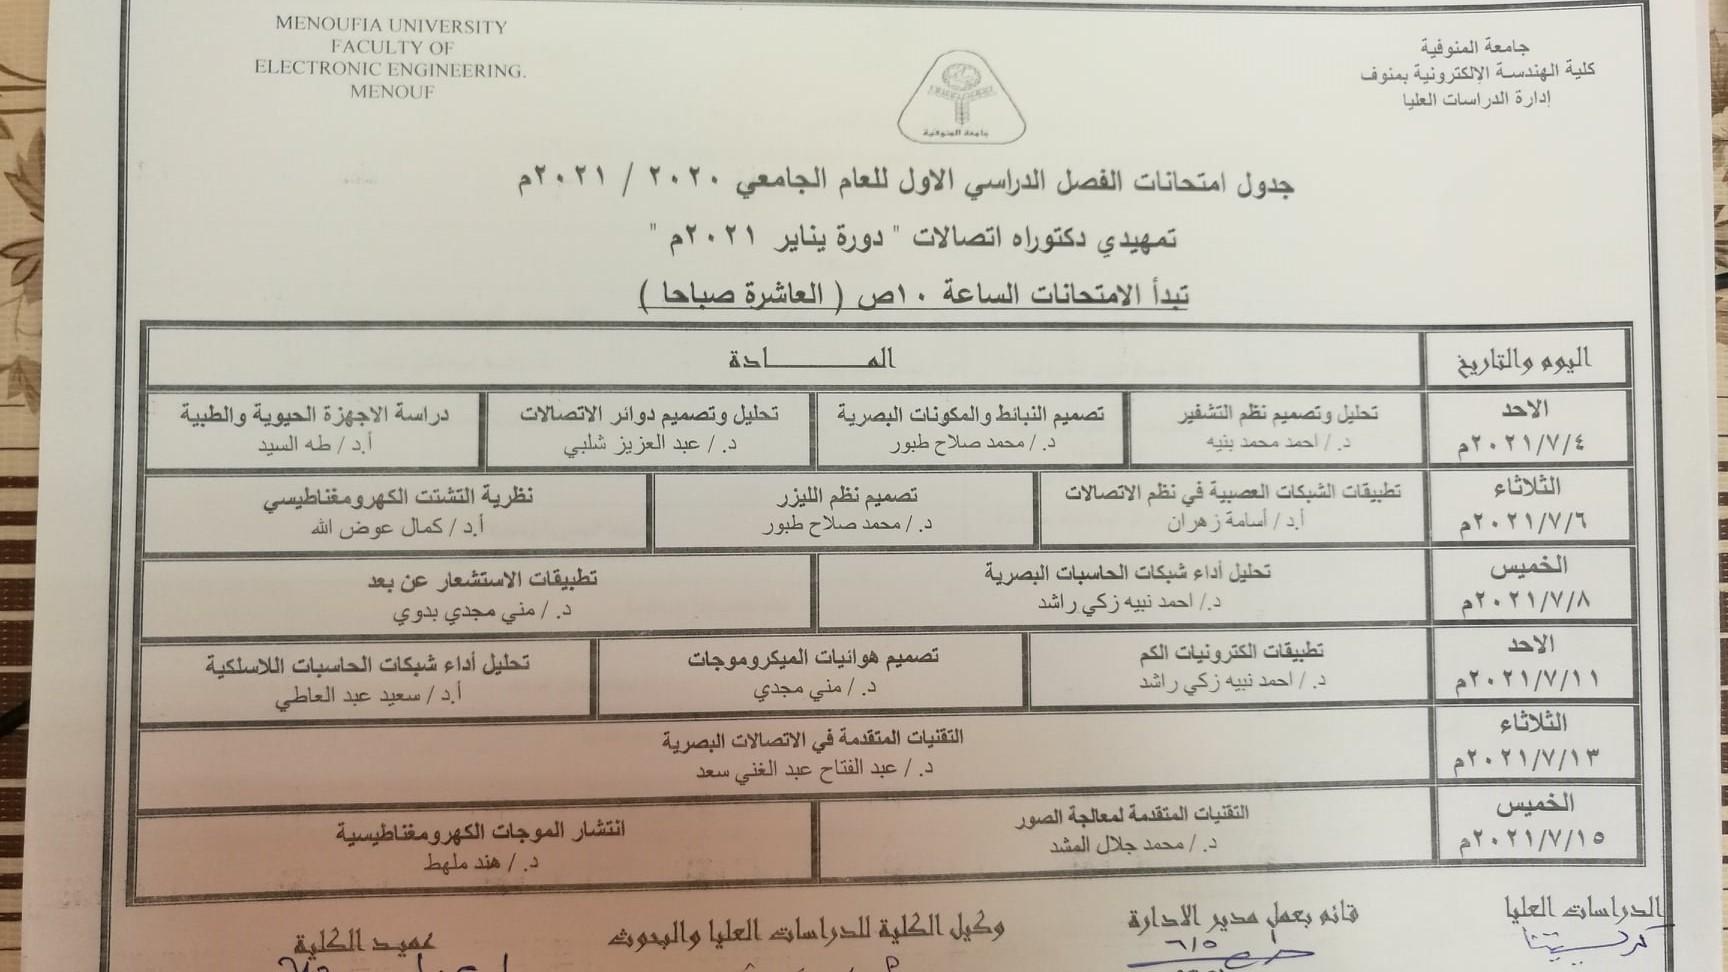 جدول امتحانات الفصل الدراسي الثانى للعام الجامعى 2021/2020